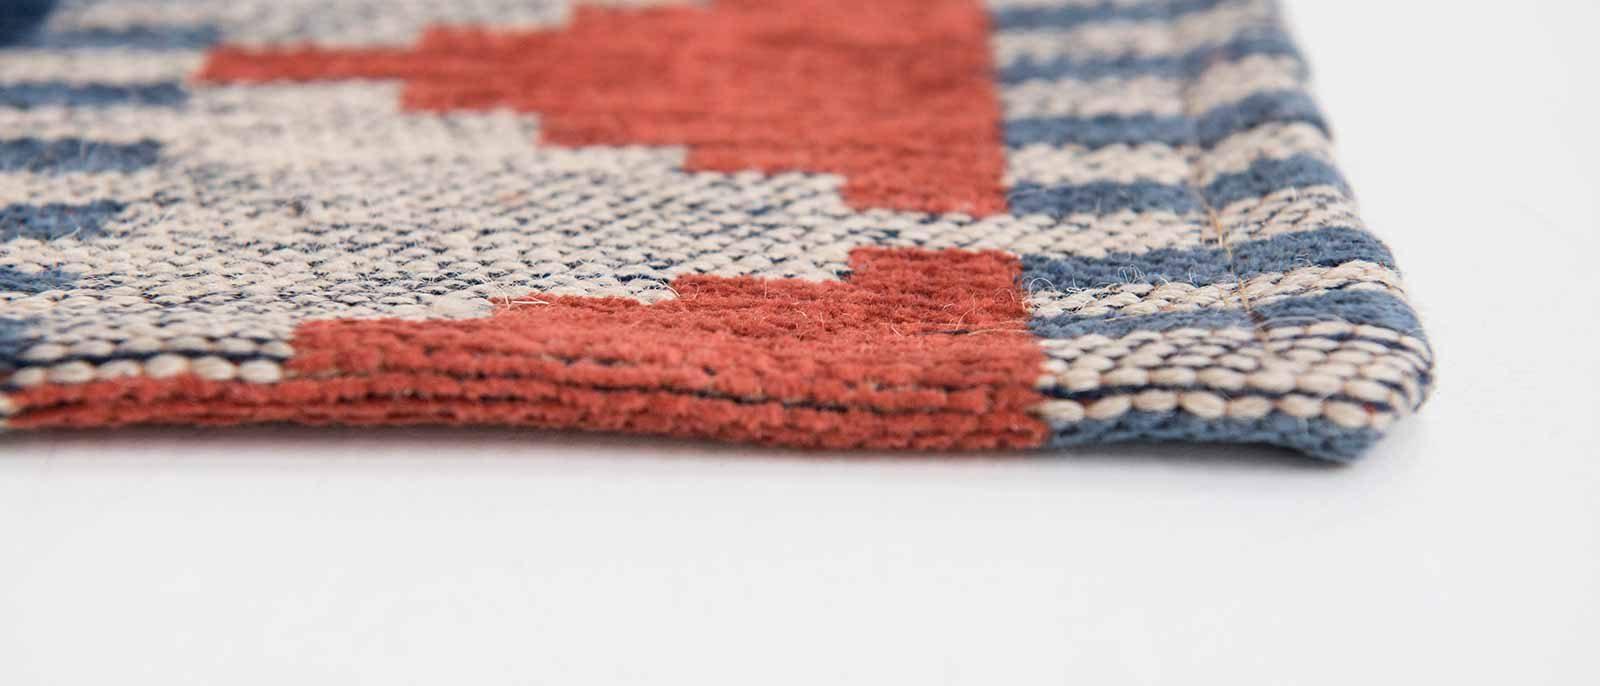 Louis De Poortere rugs Villa Nova LX 8767 Tobi Indigo Tabasco side